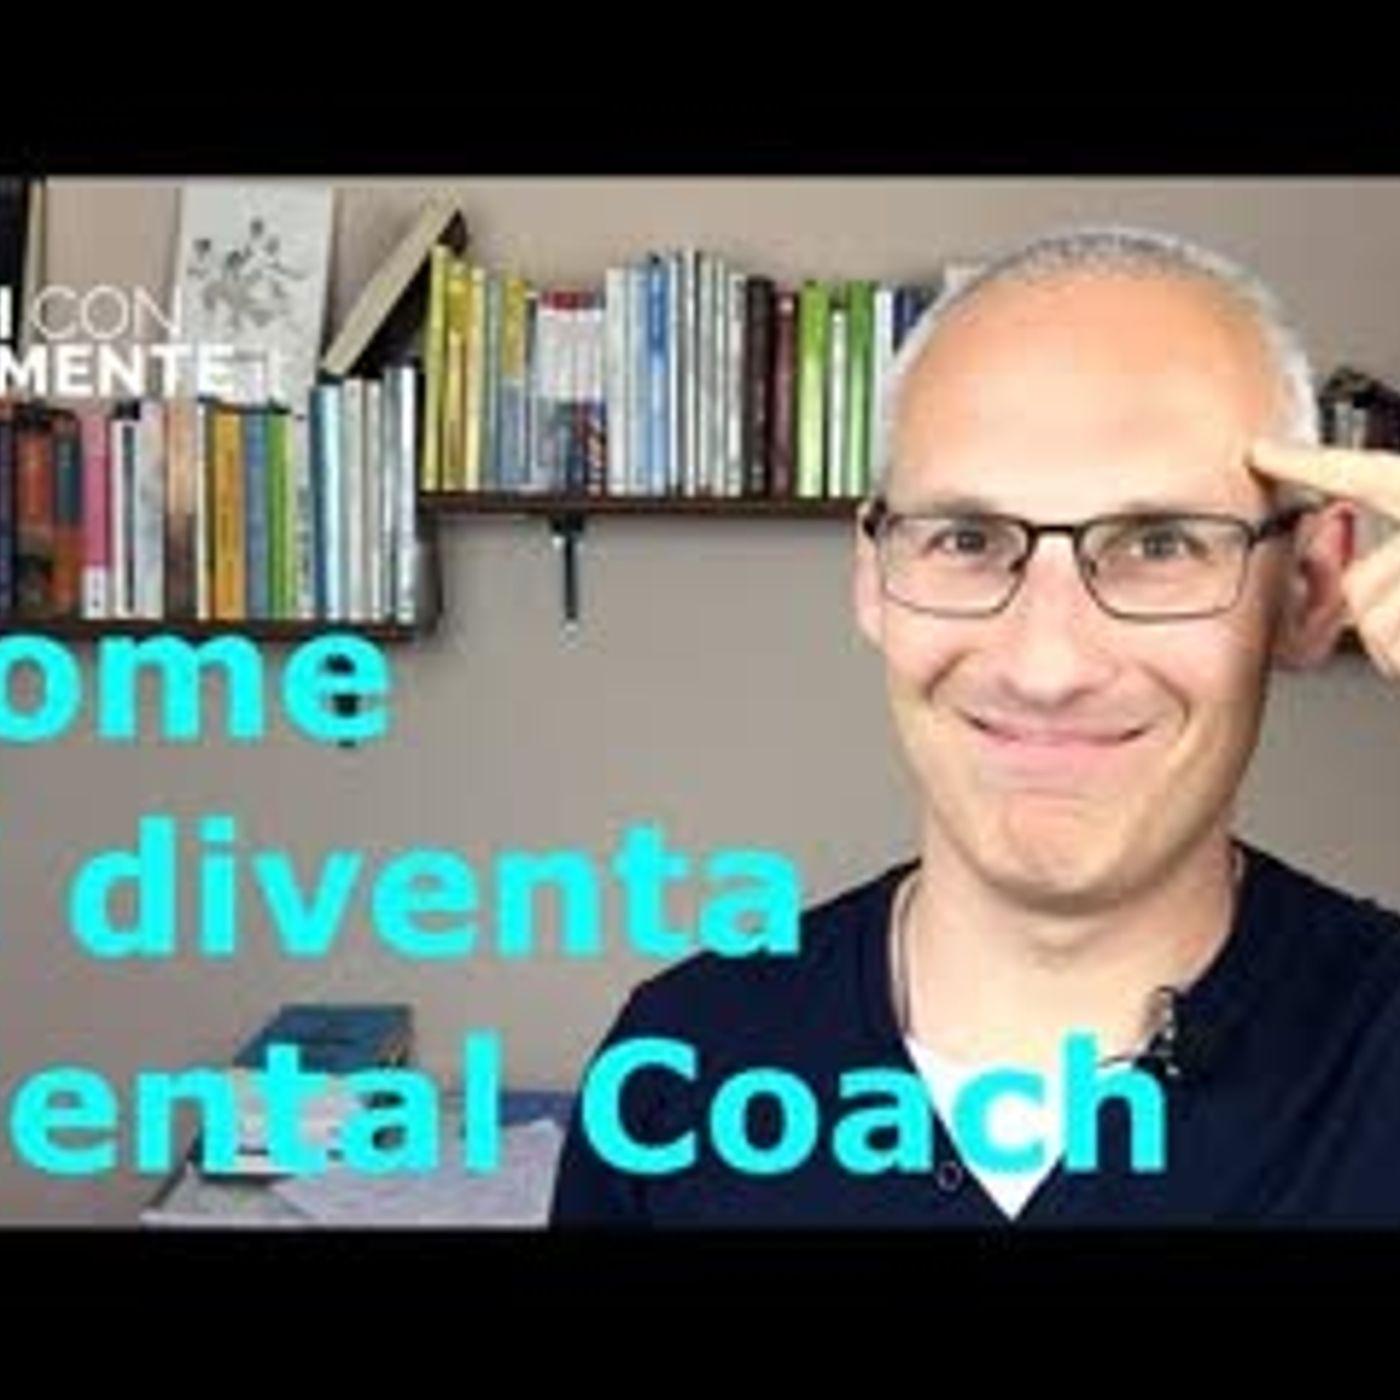 Come si diventa Mental Coach 💪💪 (con qualche verità scomoda) - Perle di Coaching